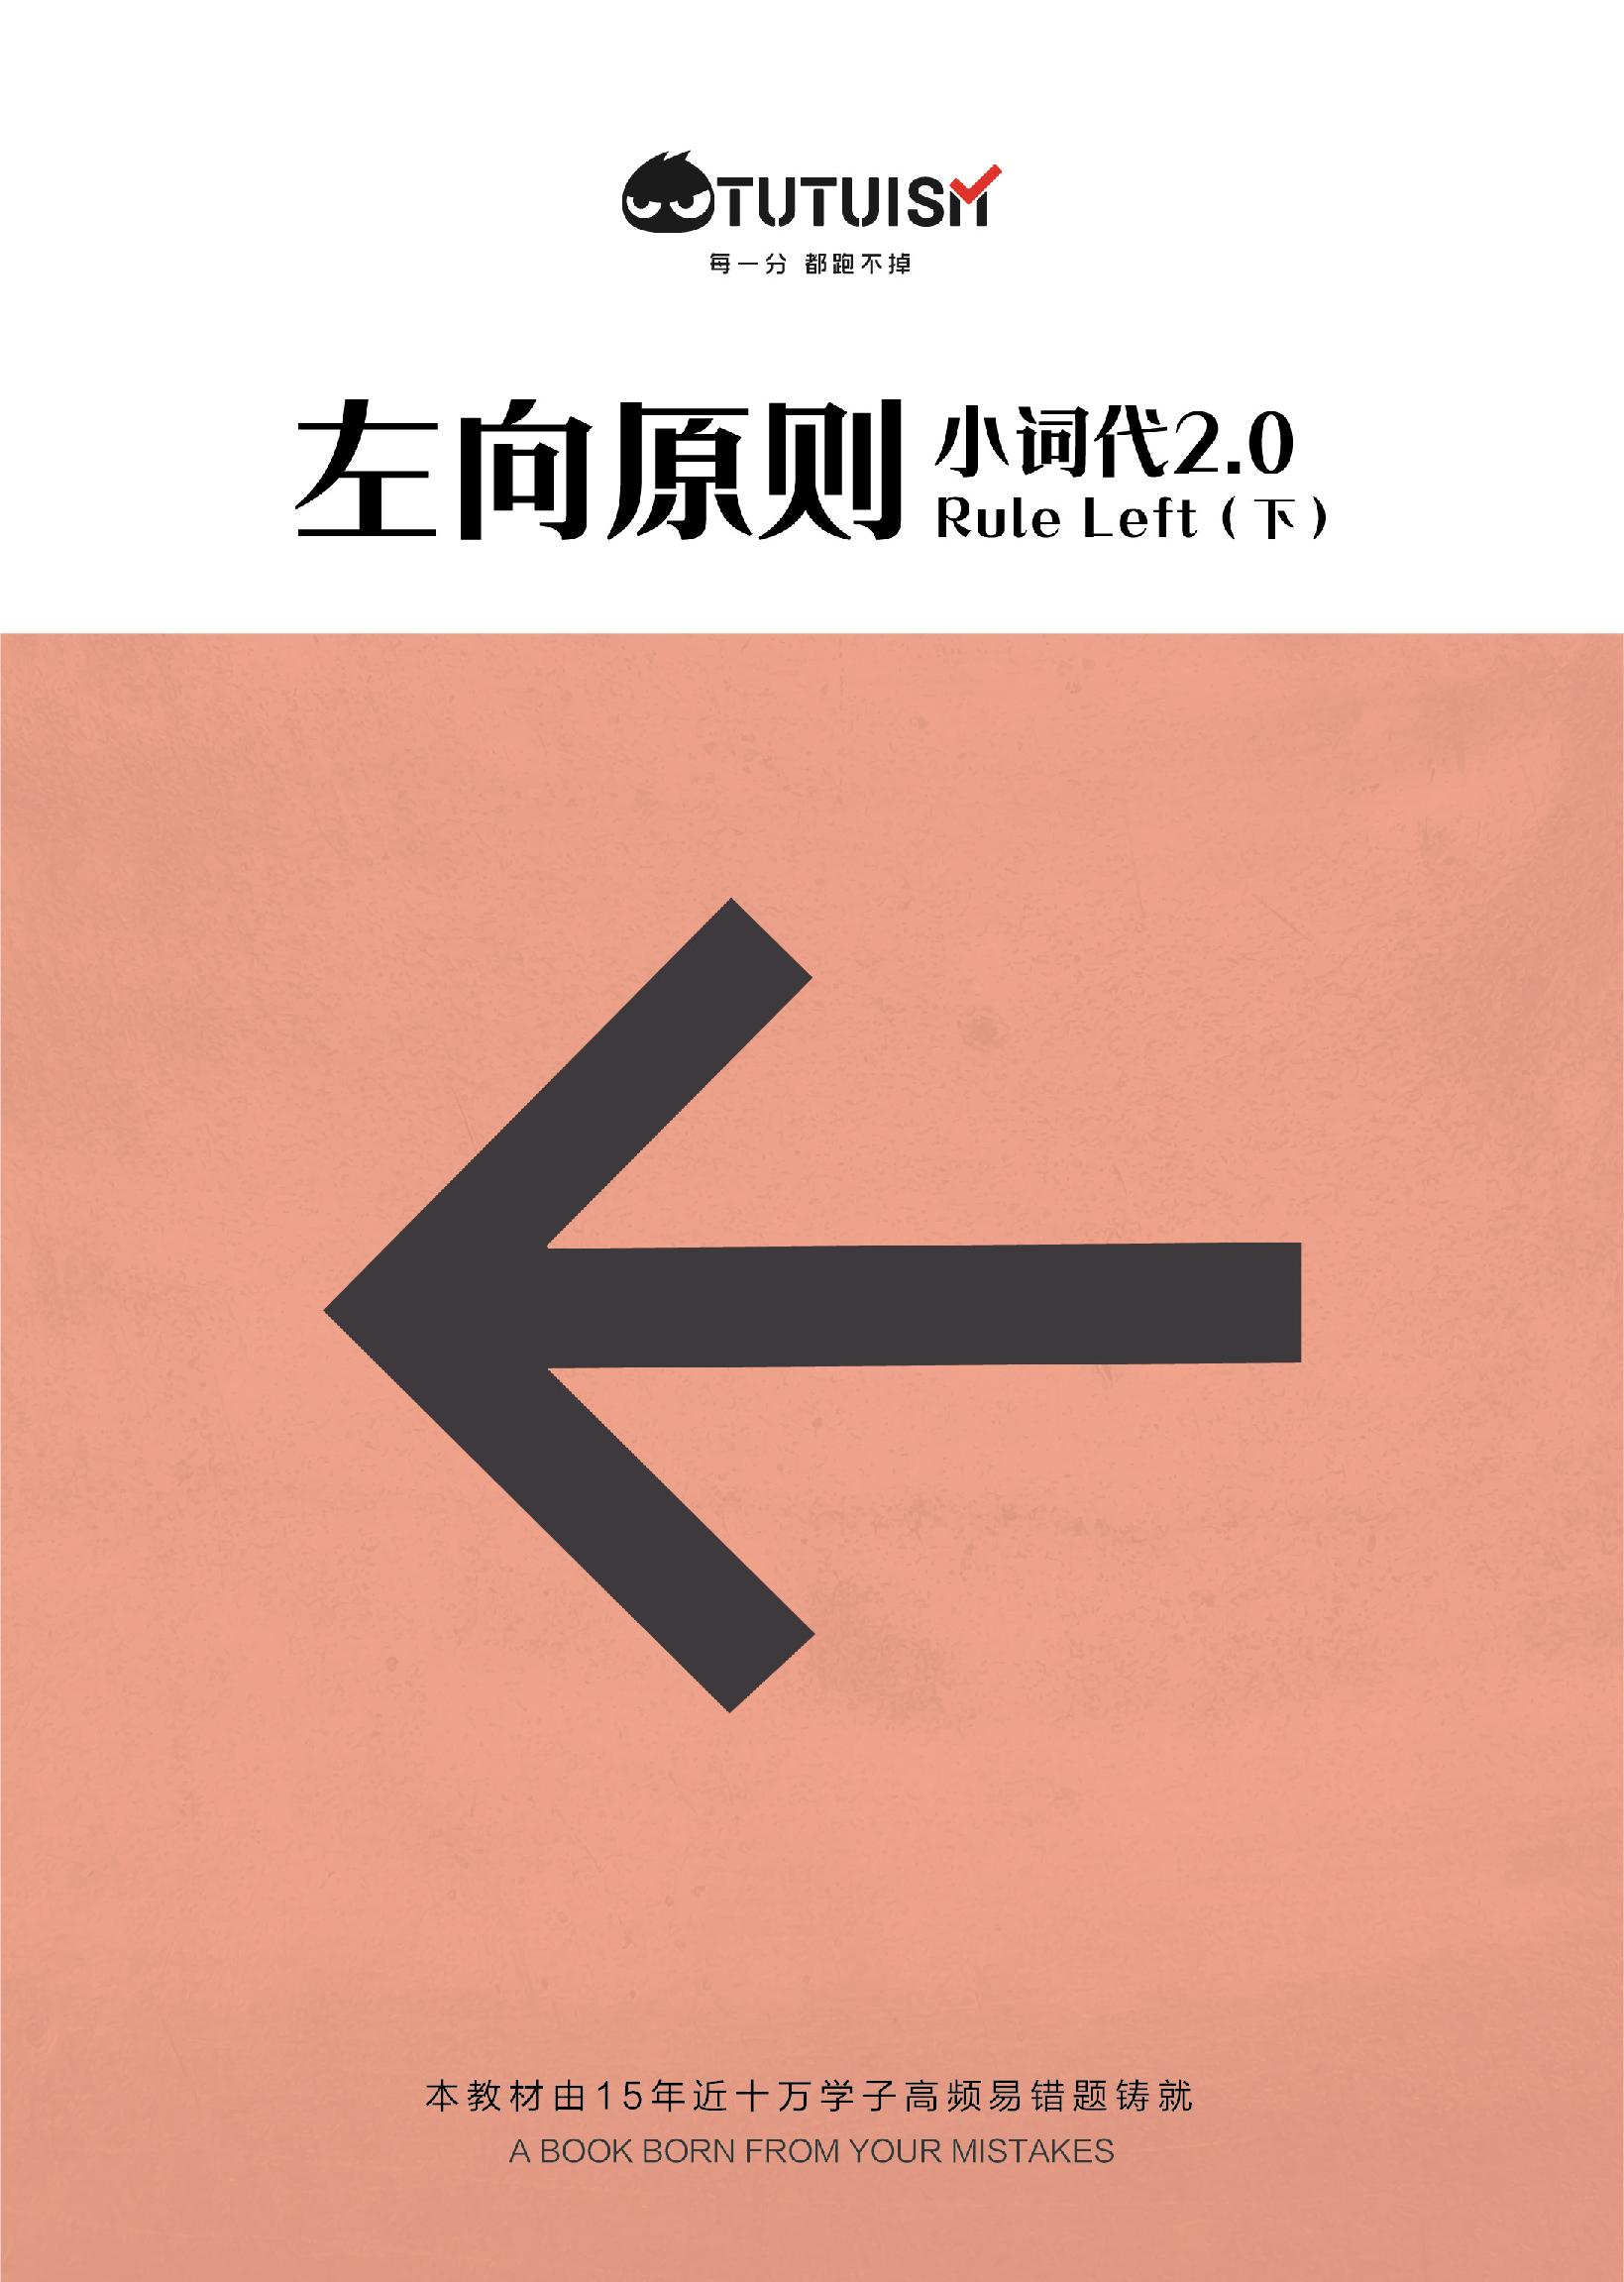 【左向原則】小詞代2.0(下)高考英語易錯題